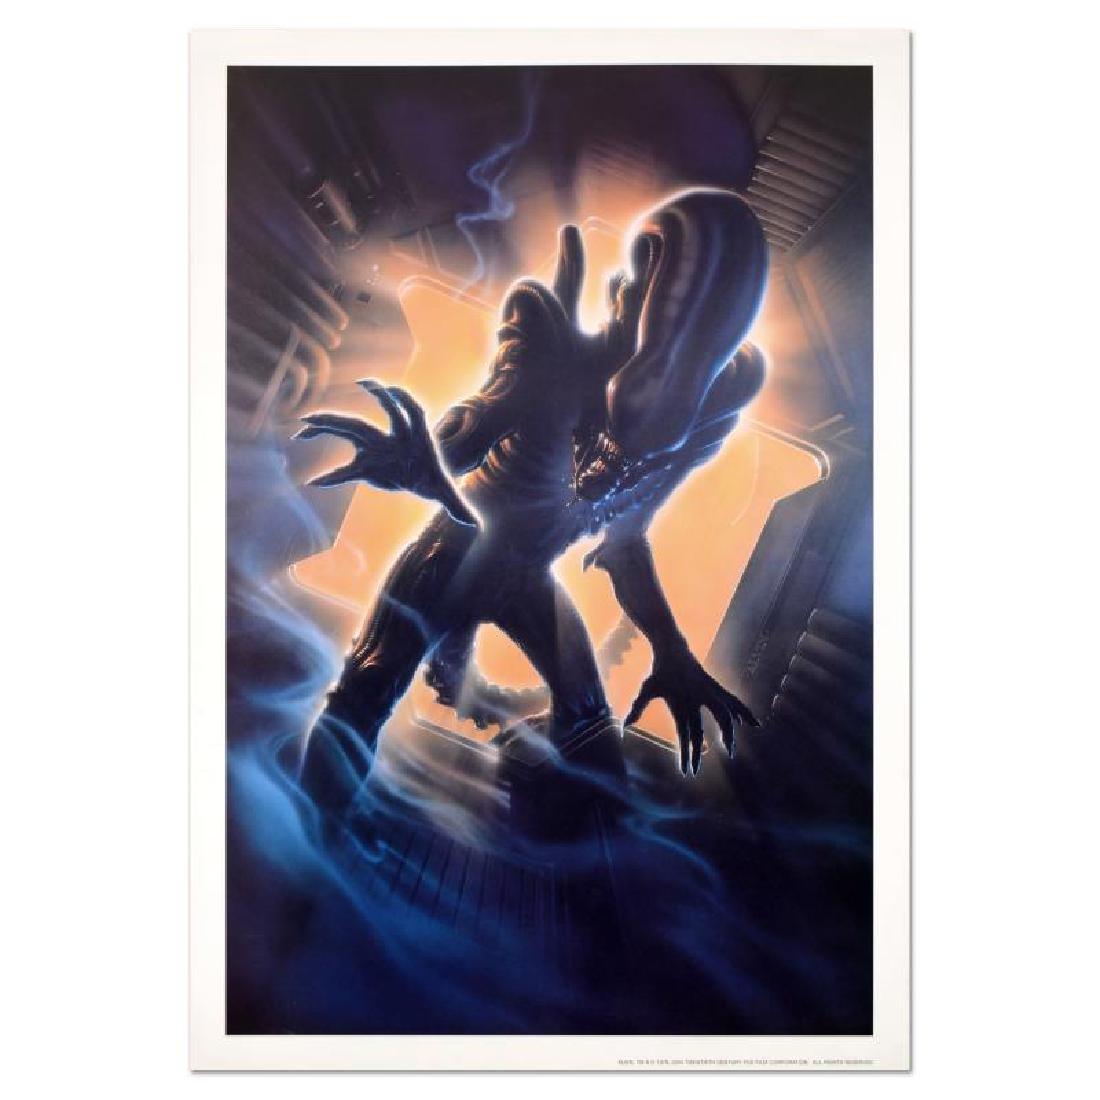 Alien by John Alvin (1948-2008)